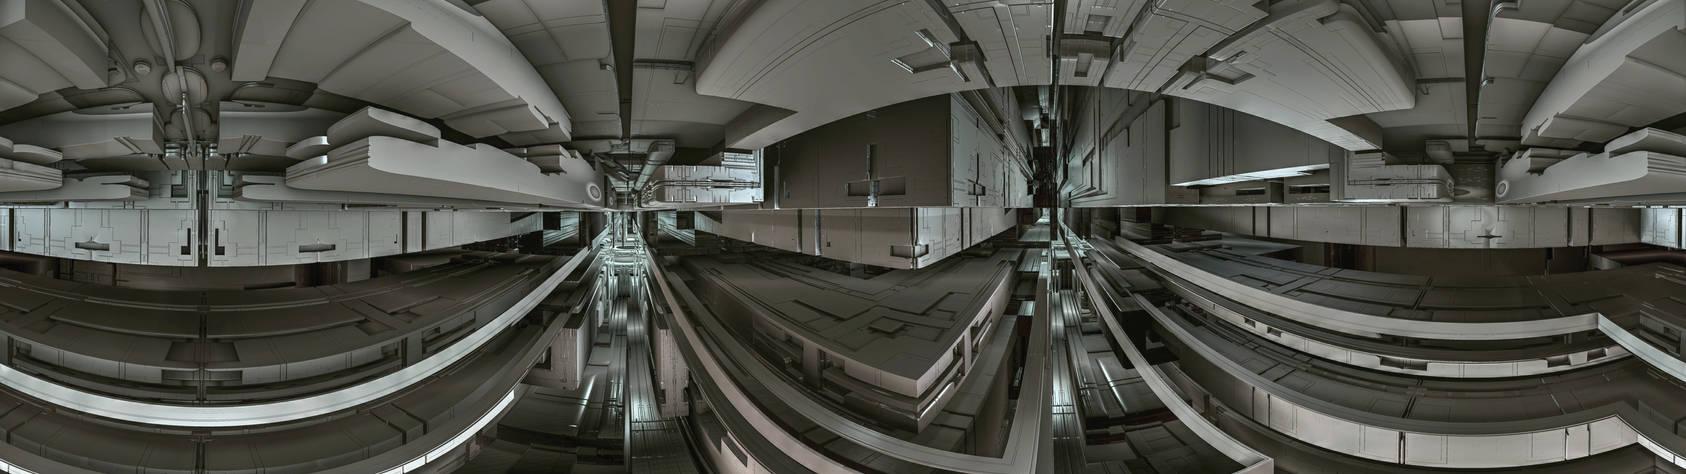 Sierp Hilbert corridor